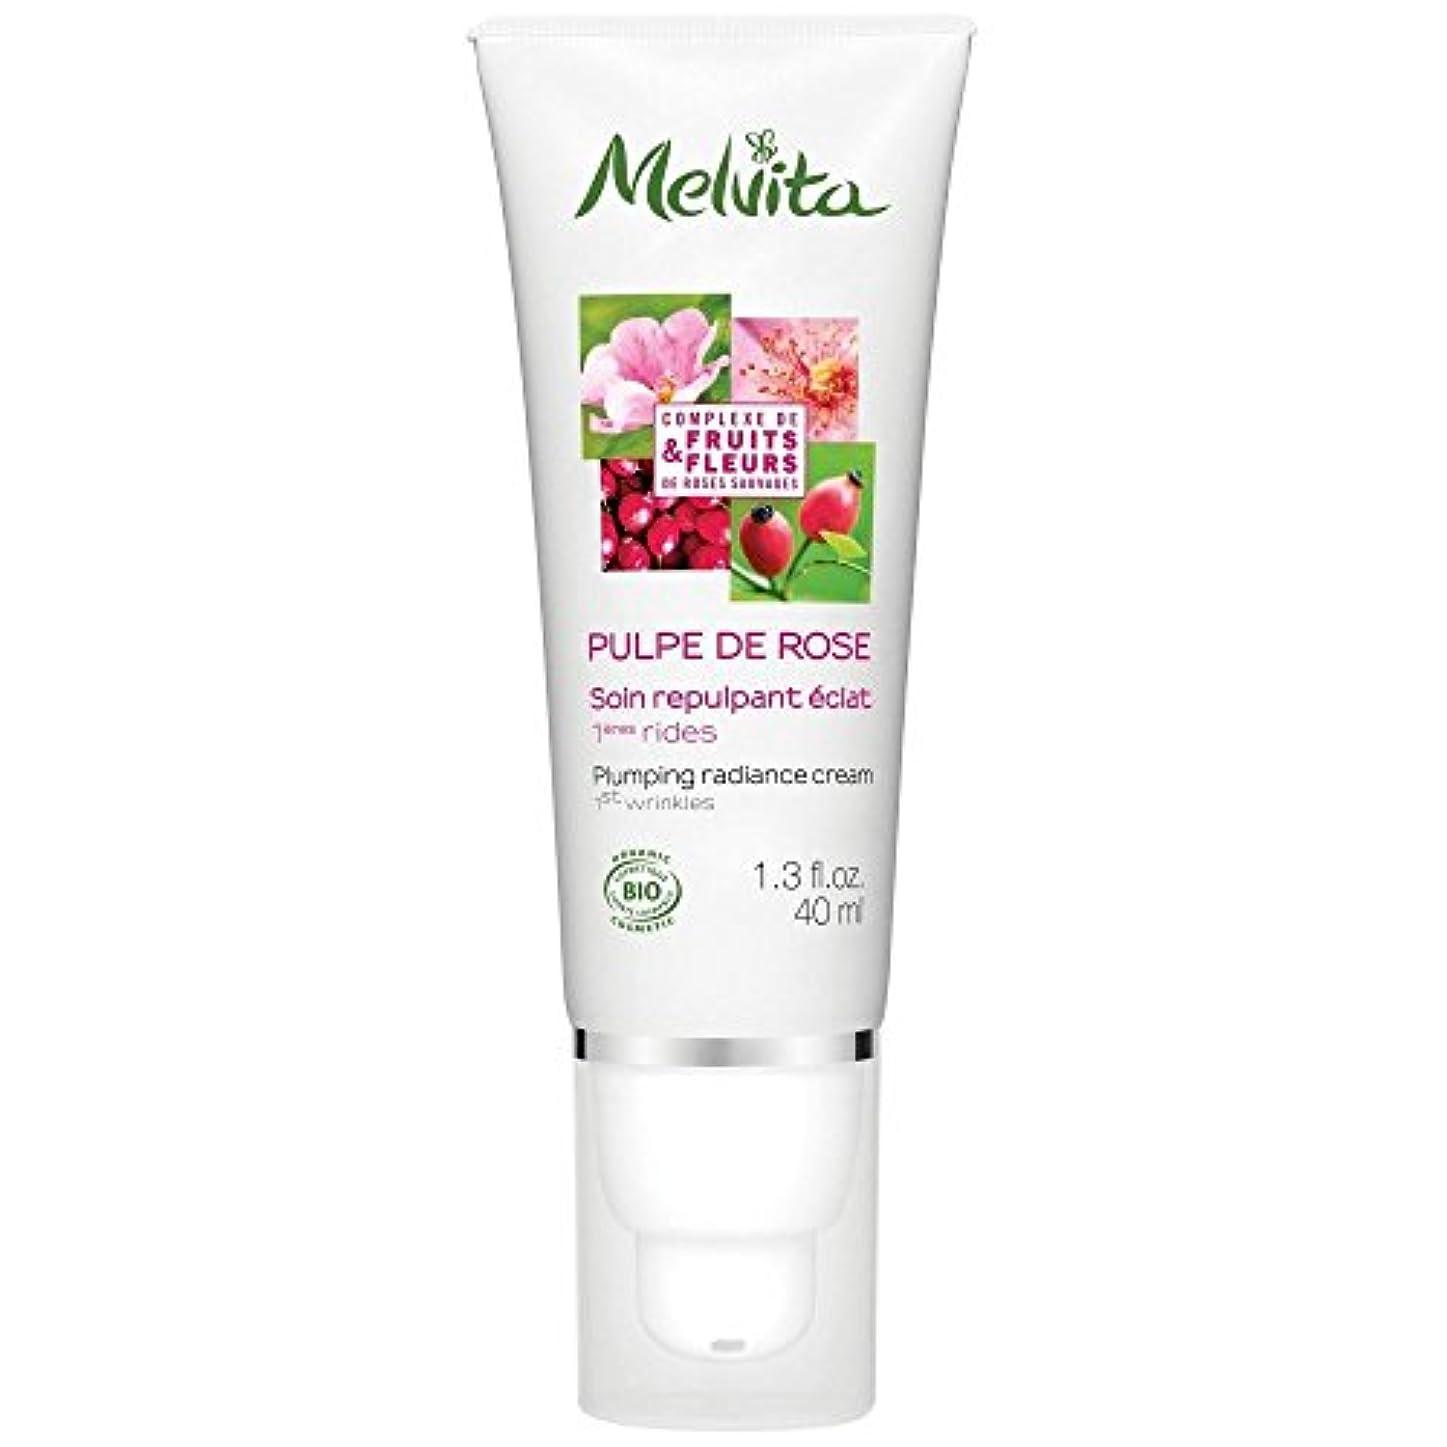 解明市場ビジネス[Melvita] メルヴィータ膨化輝きクリーム、40ミリリットル - Melvita Plumping Radiance Cream, 40ml [並行輸入品]